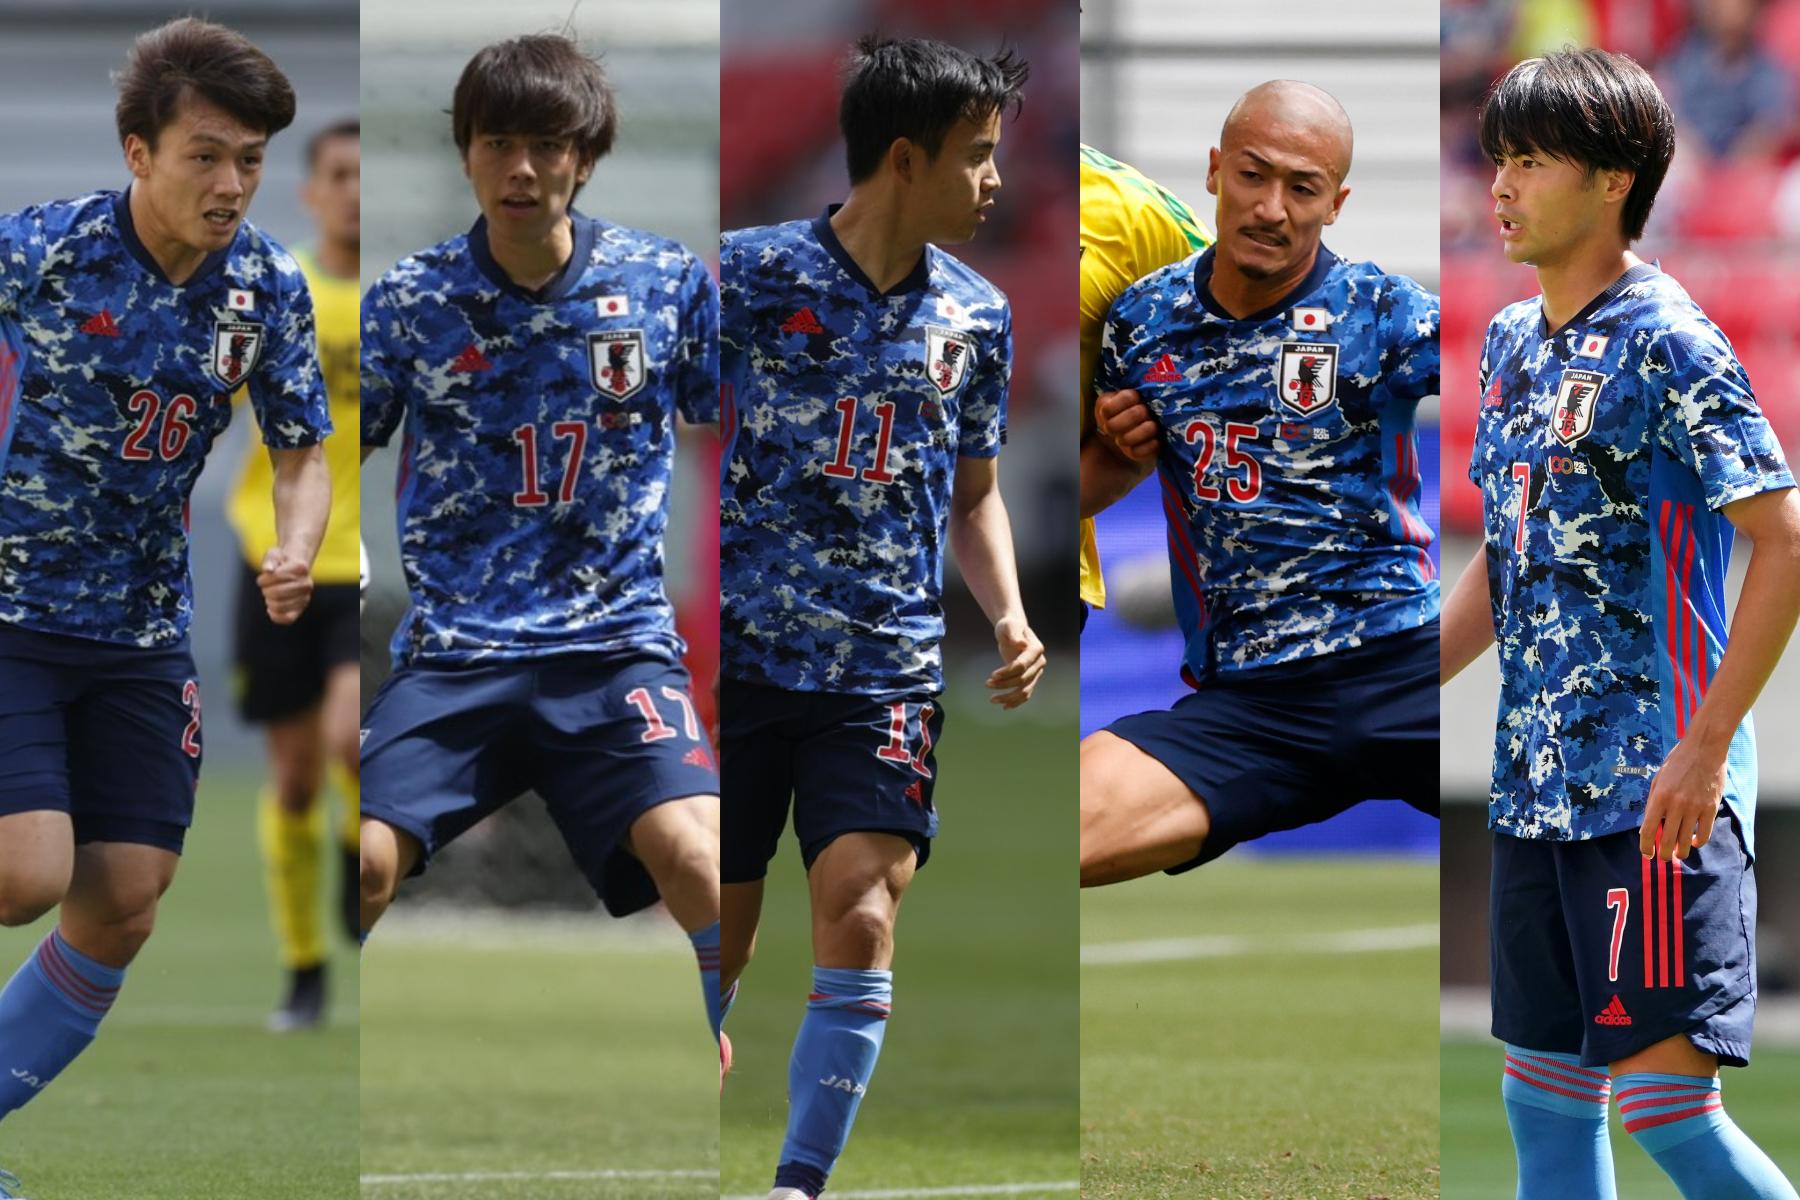 東京五輪へ挑む18人に選出されるの選手を予想【写真:Yukihito Taguchi & Getty Images】